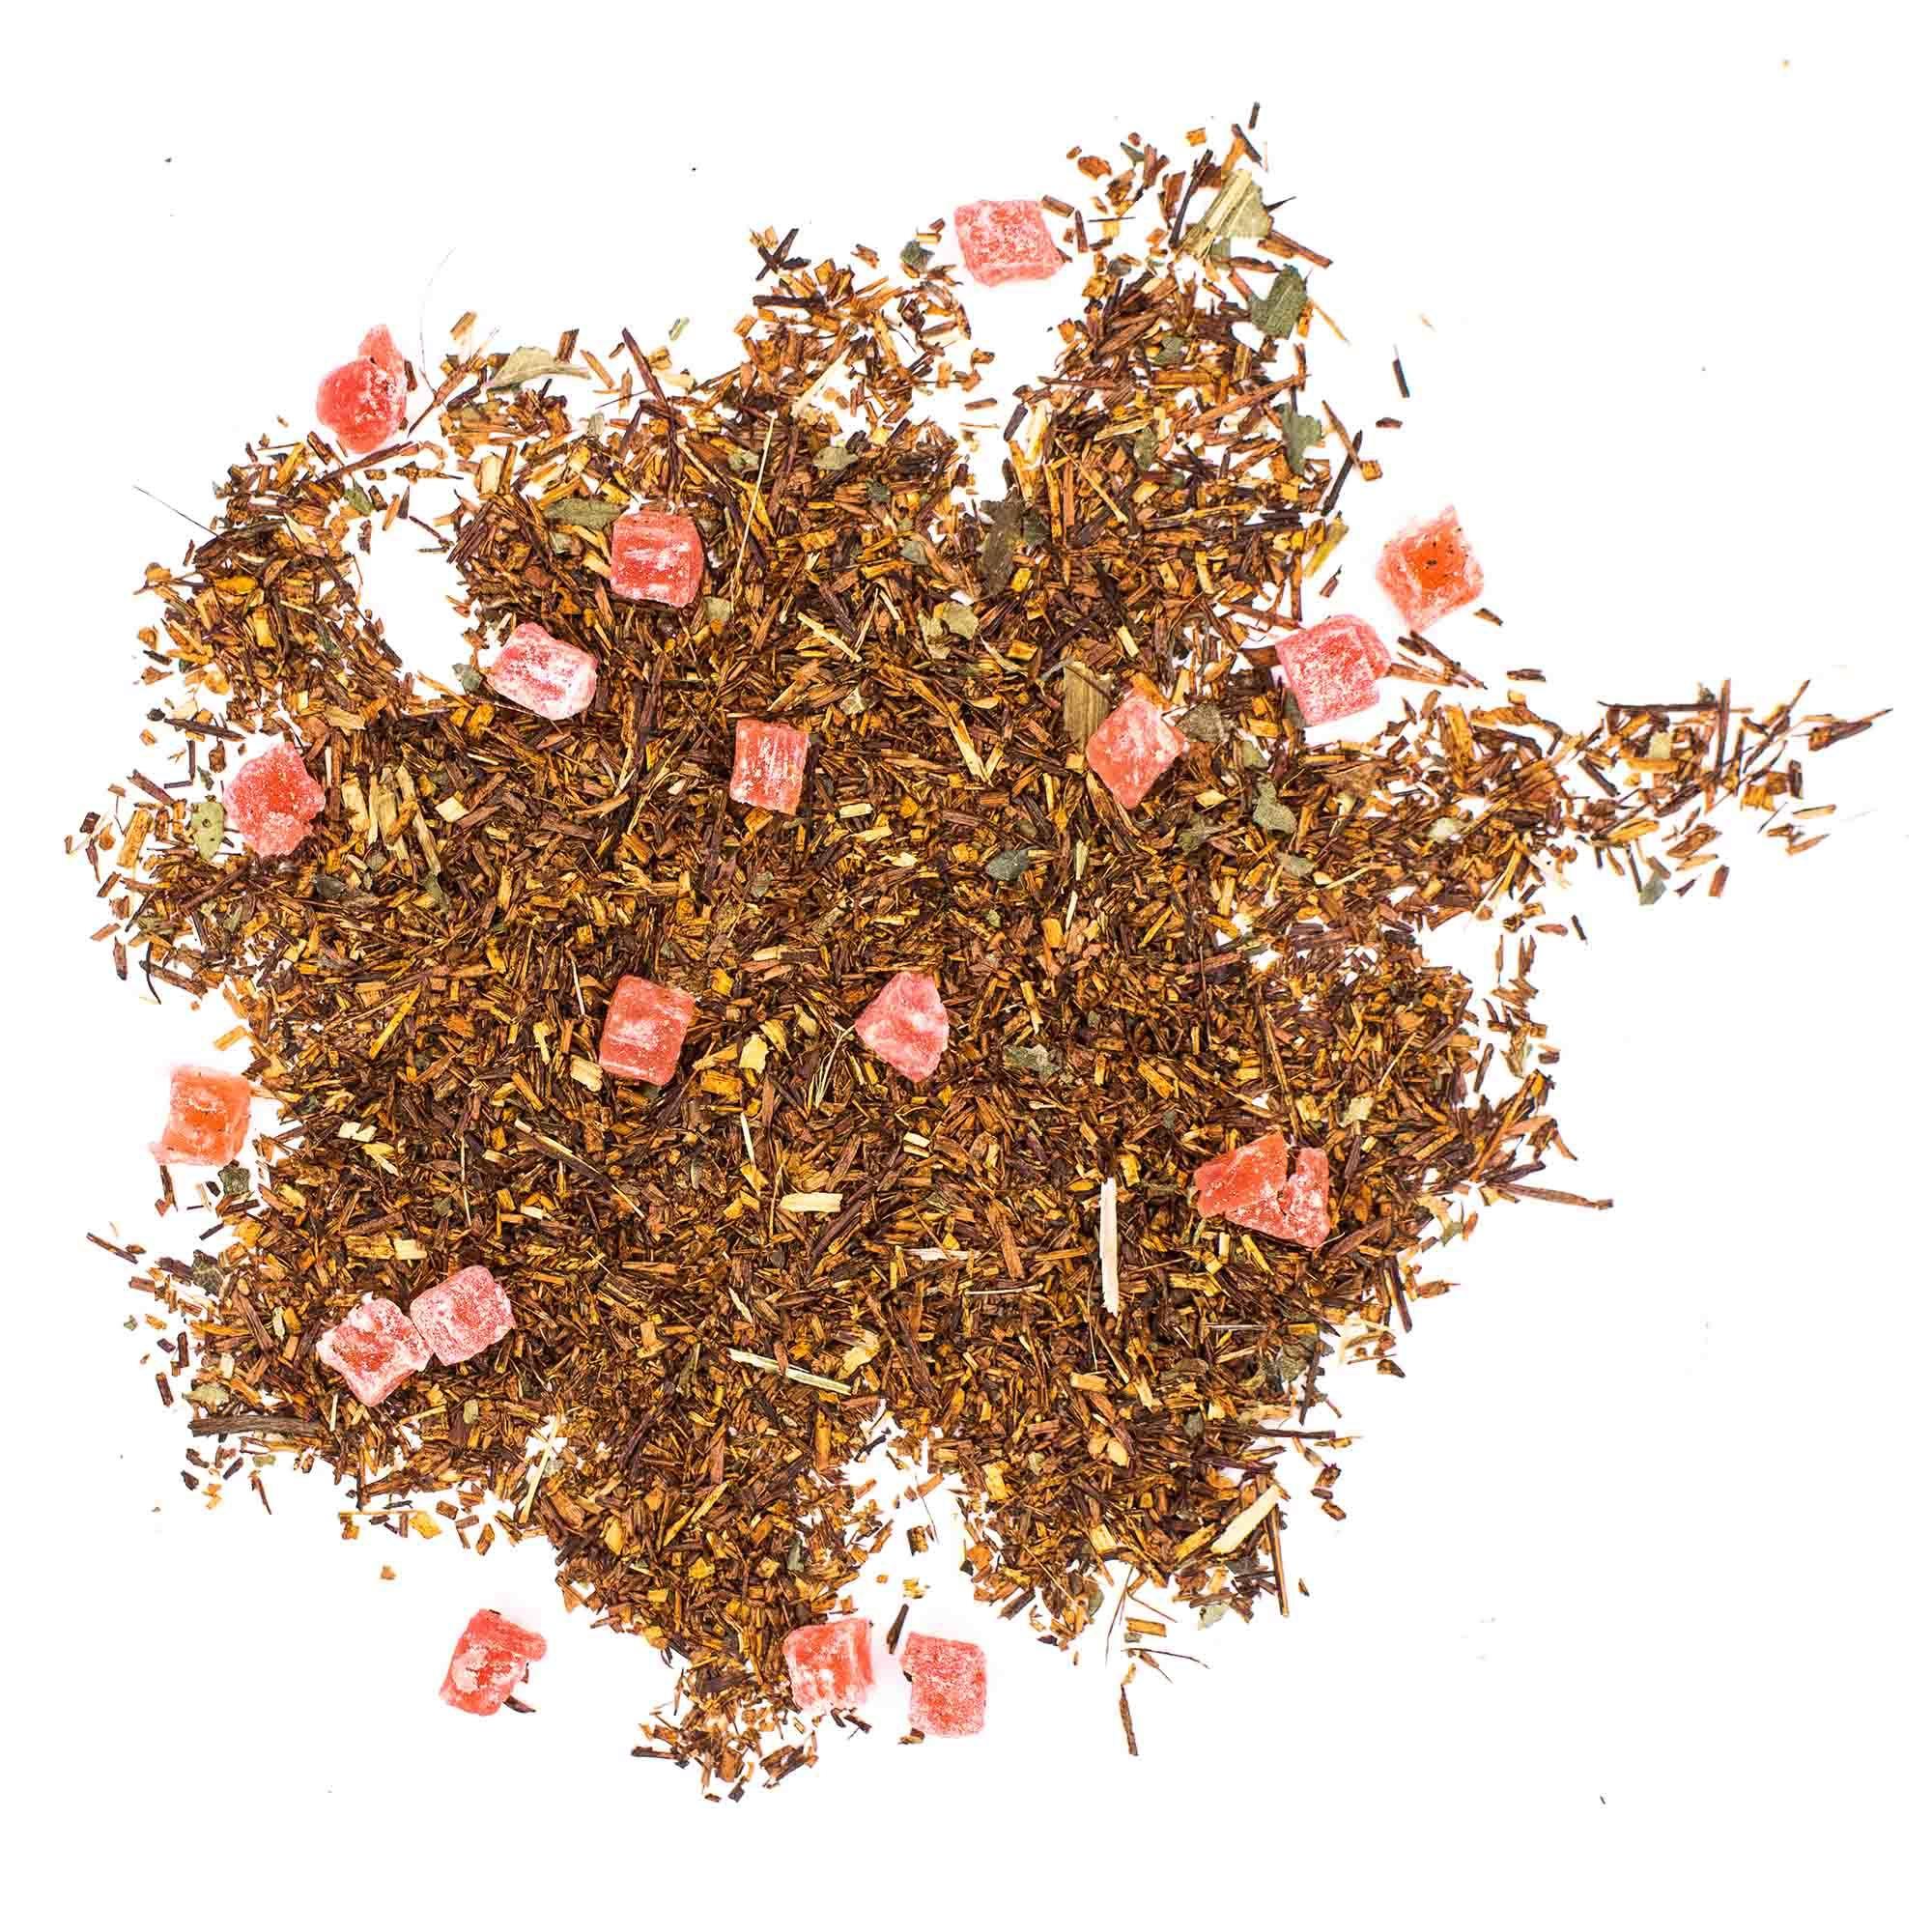 """Фруктовый, ягодный чай """"Ройбуш земляника со сливками"""" 100гр, чайный напиток на основе ройбоса chayroibushzemlyanichnii-teastar.jpg.jpg"""